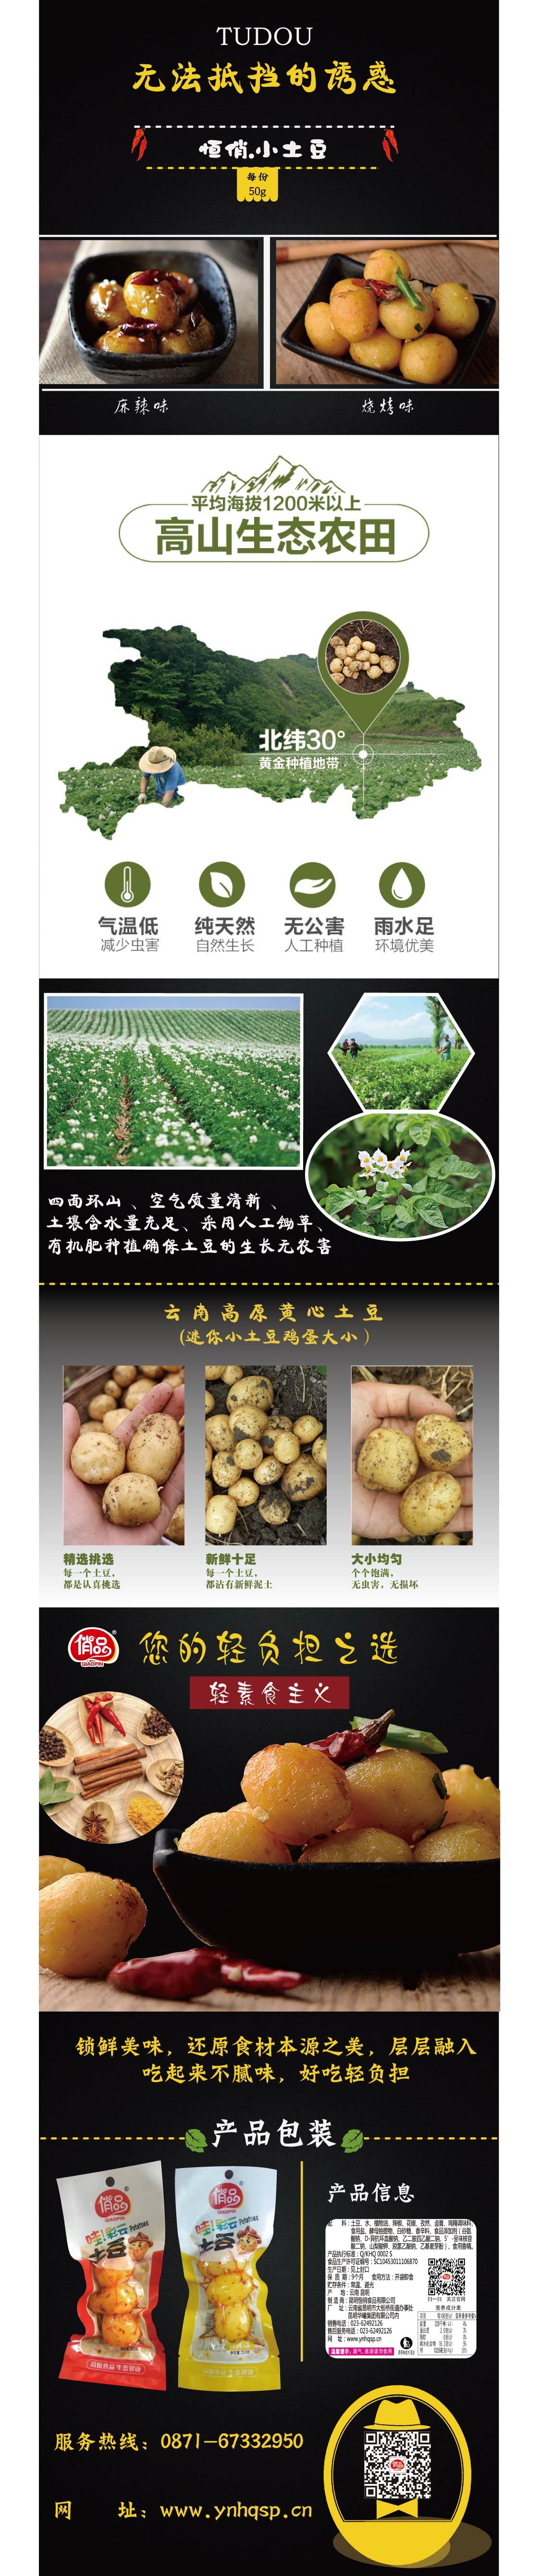 土豆宣传.jpg